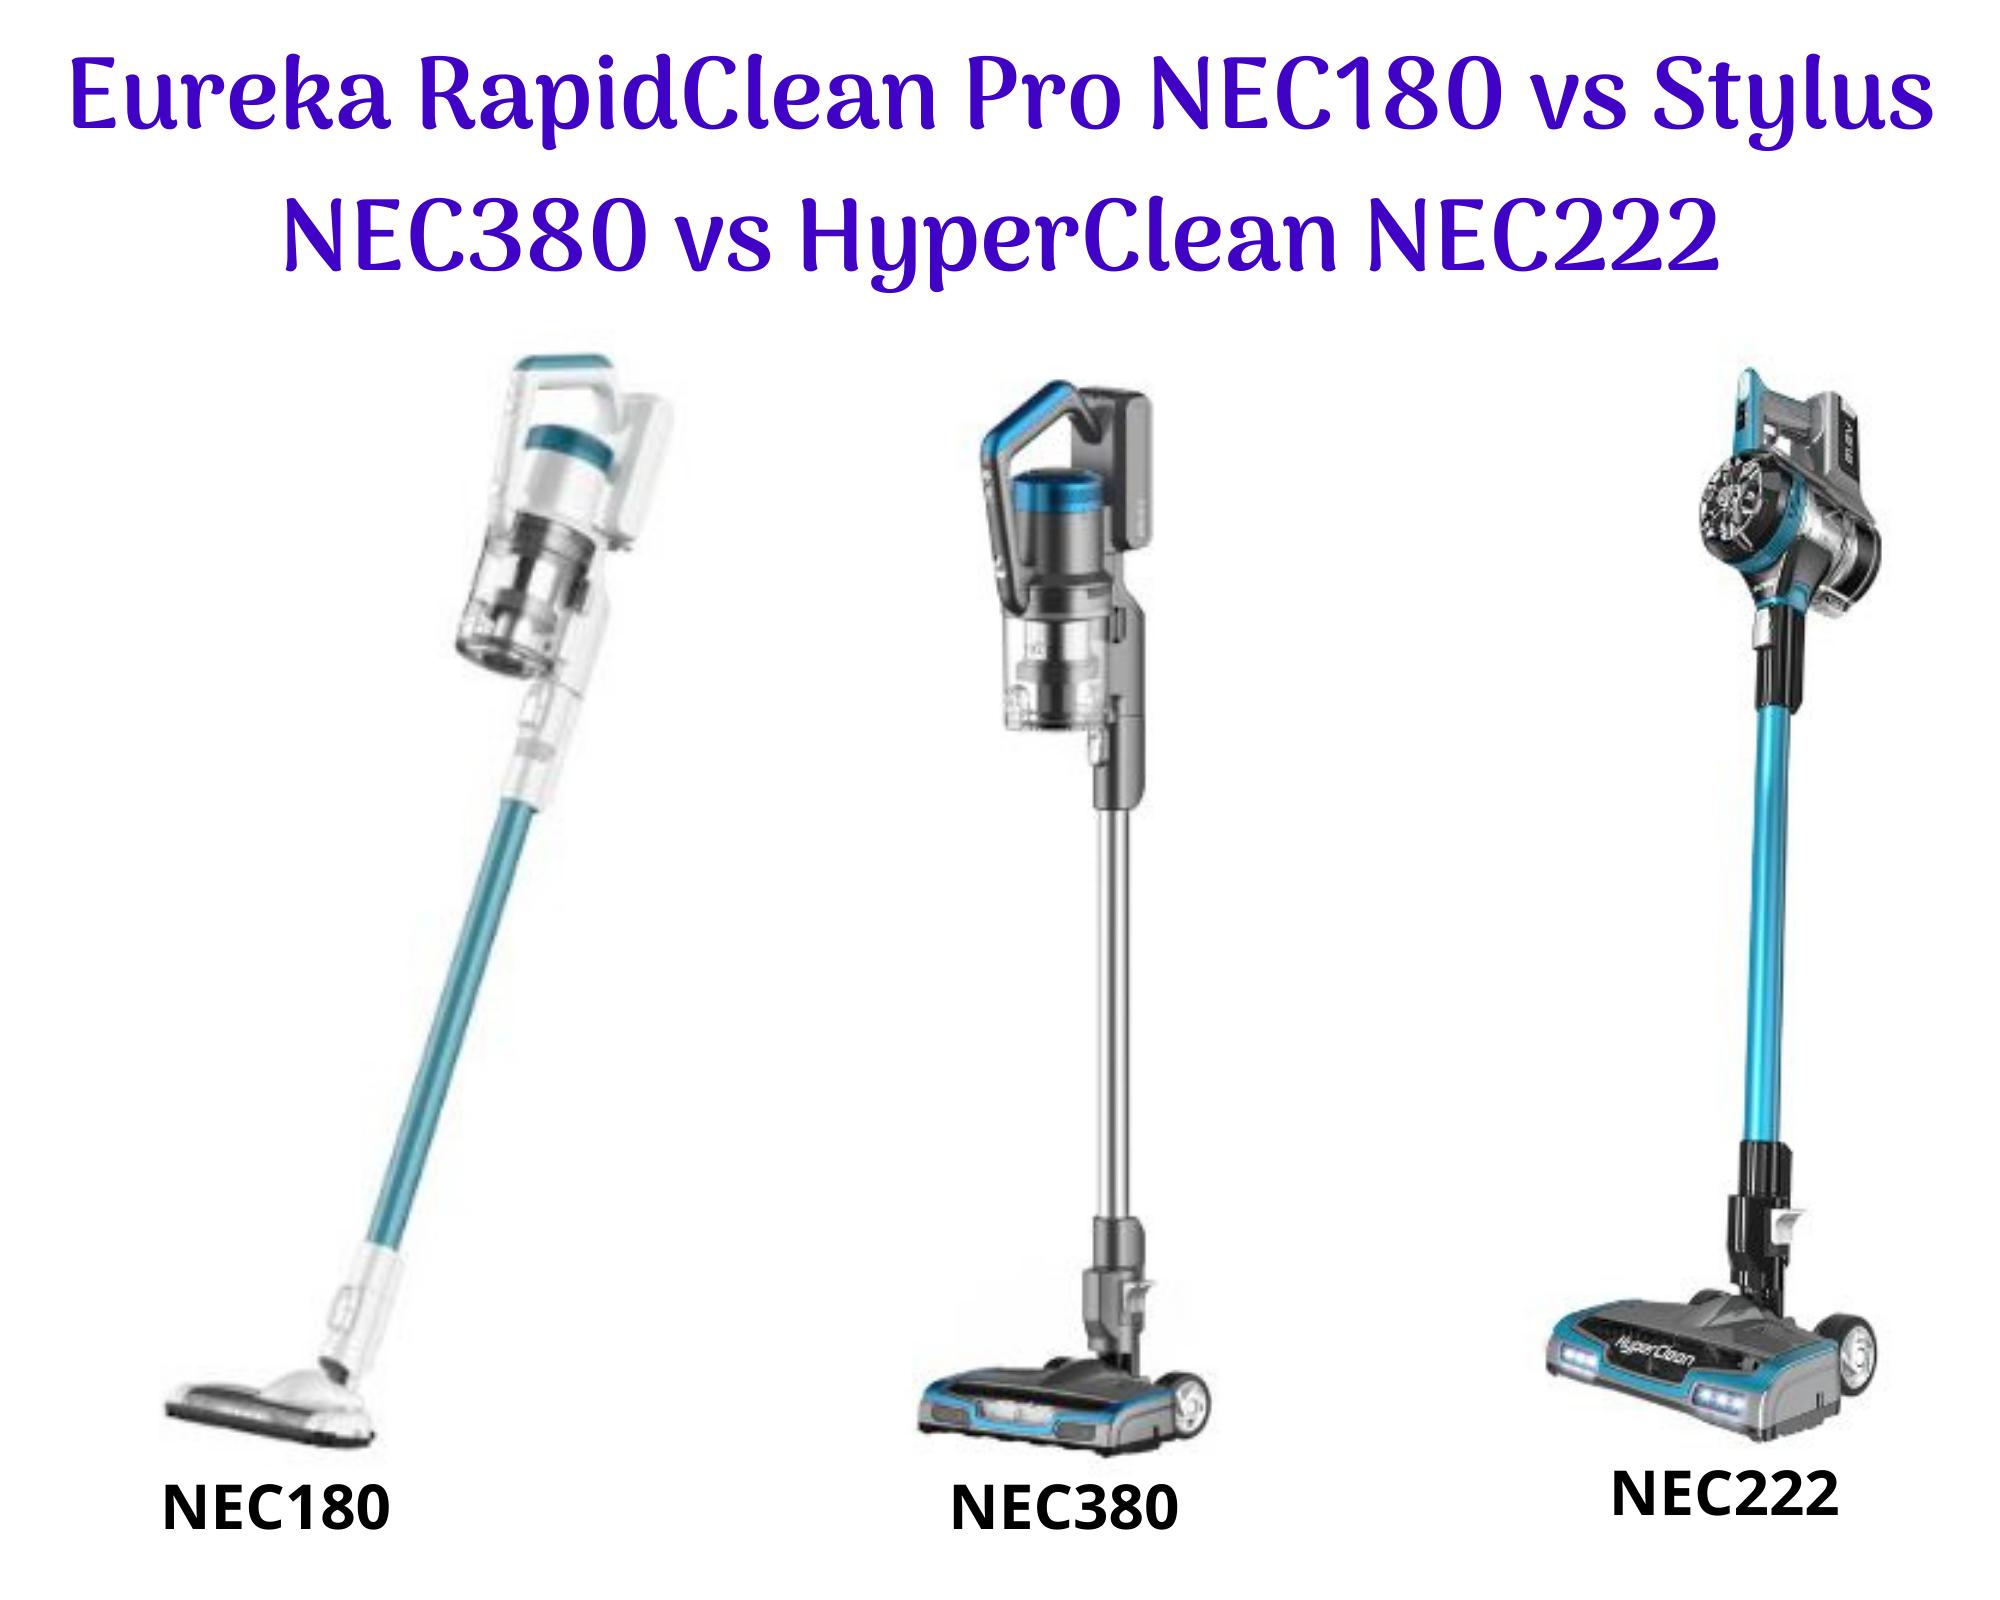 Eureka RapidClean Pro NEC180 vs Stylus NEC380 vs HyperClean NEC222